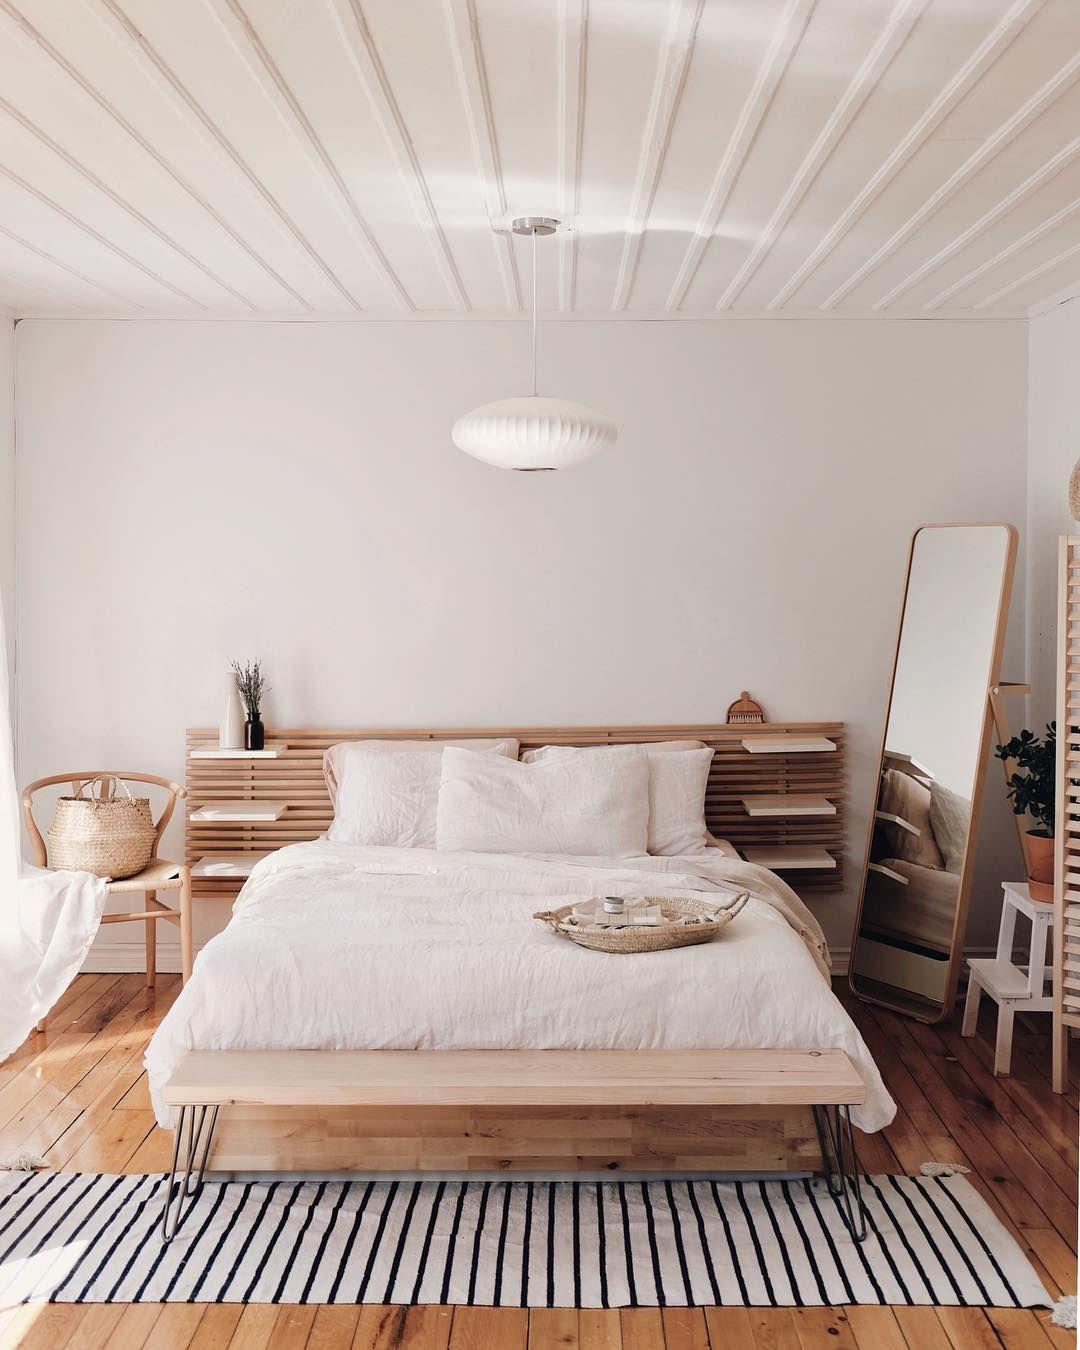 Bedroom Ikea Bed Frame Ikea Bed Frames Luxurious Bedrooms Bedroom Design